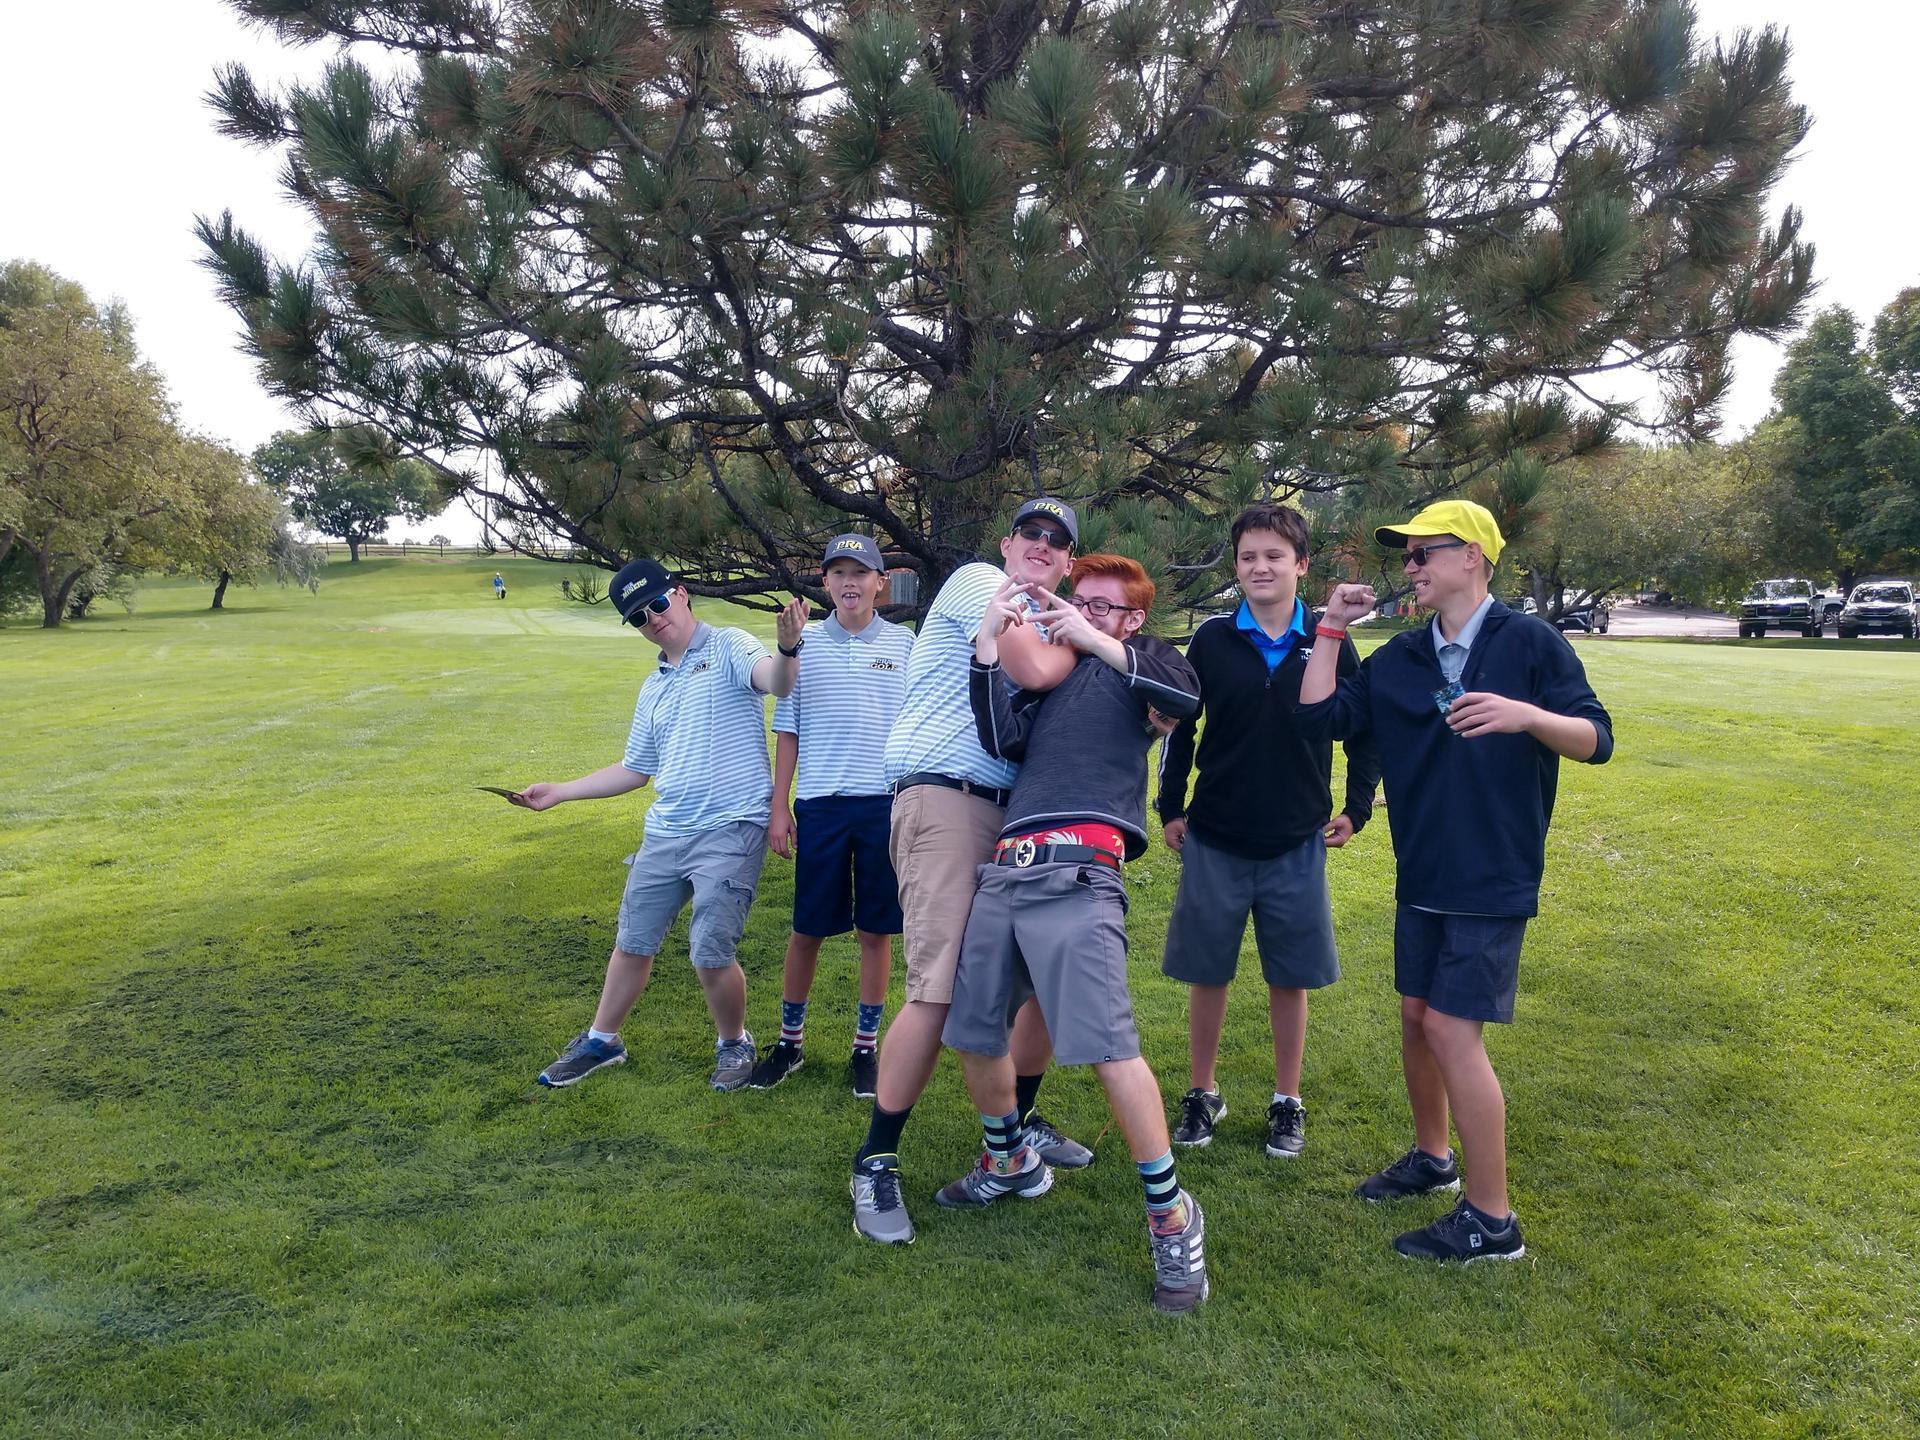 JV team at Indian Tree